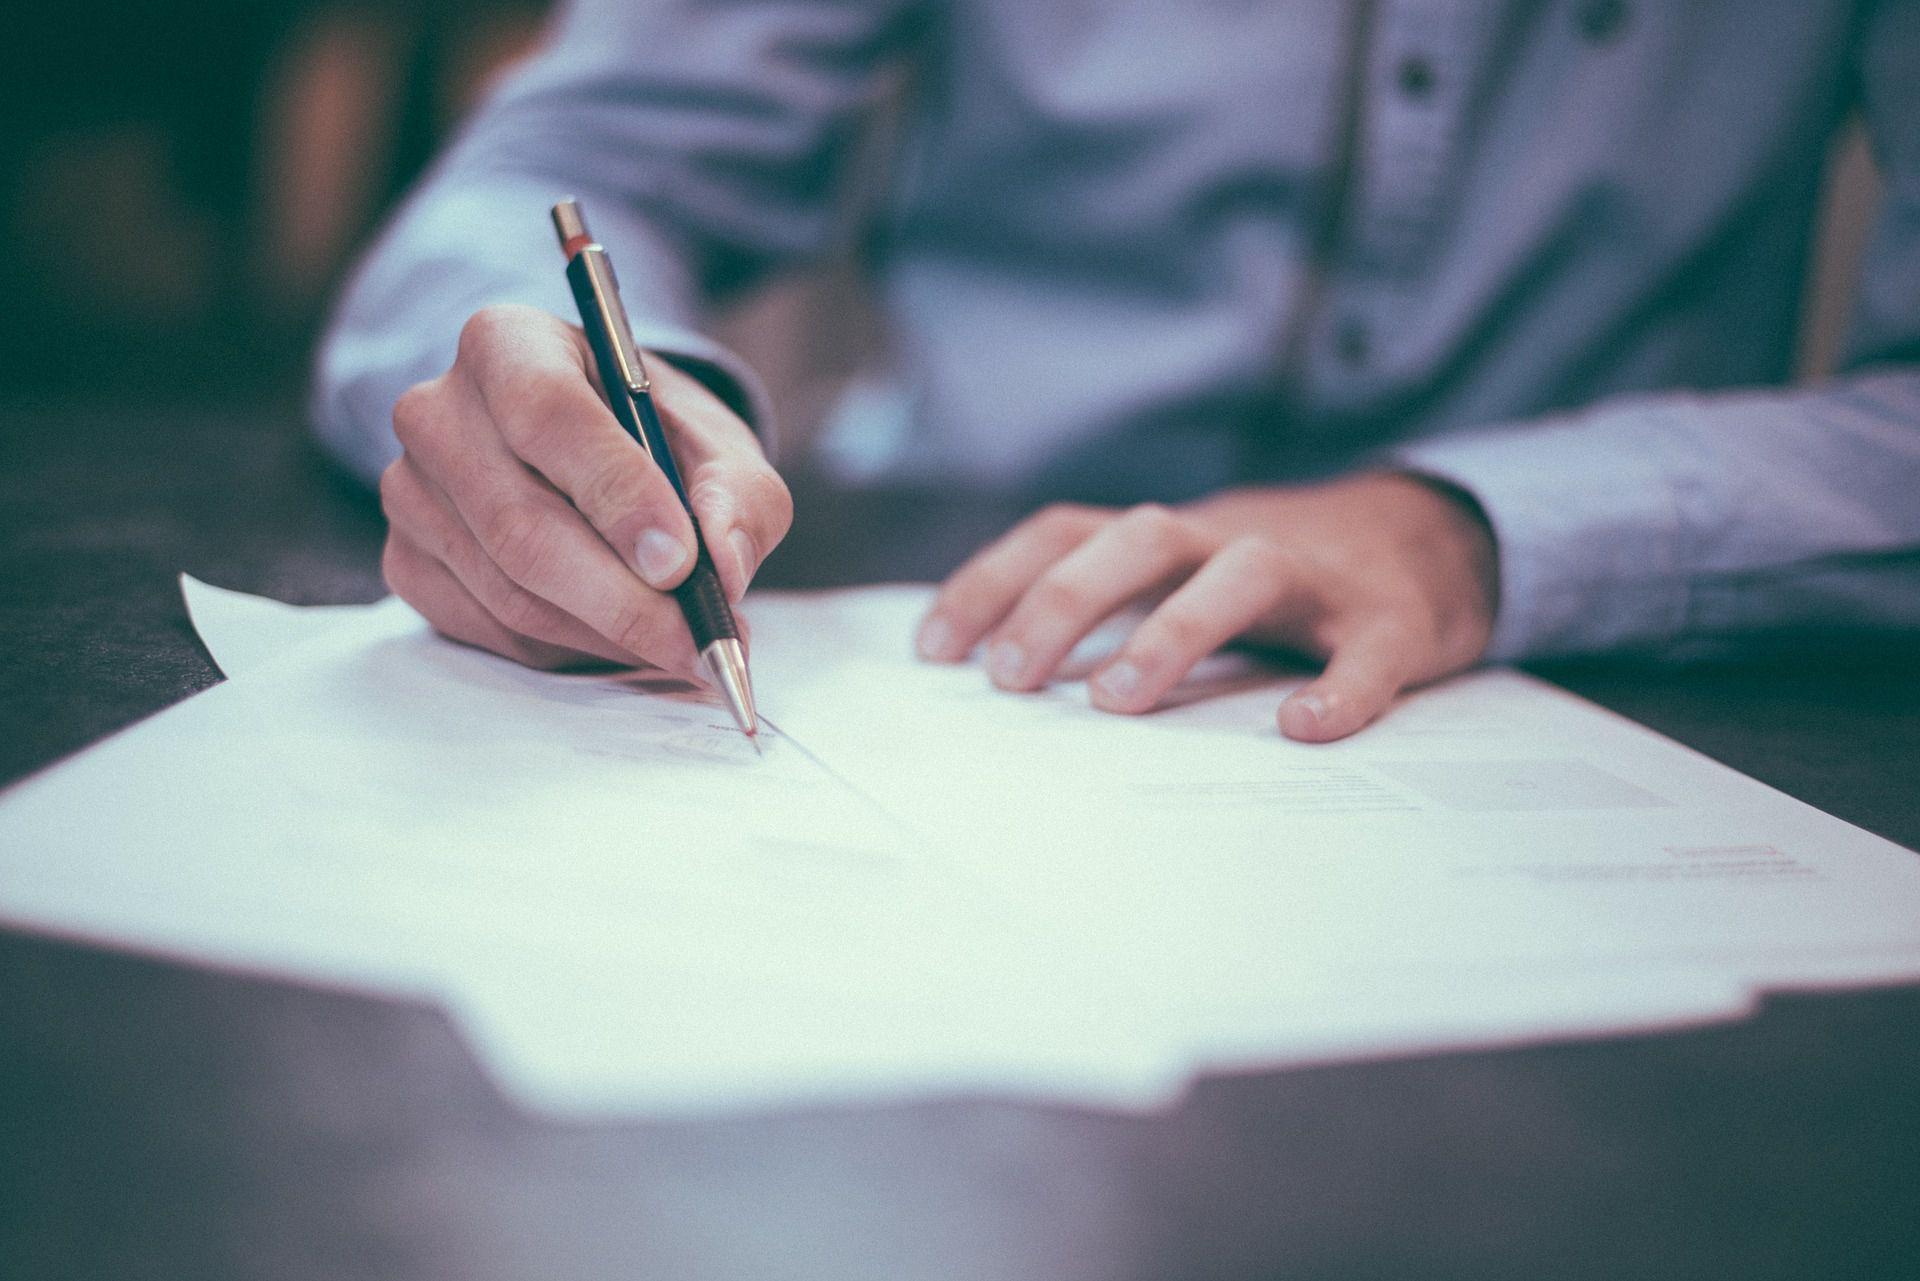 Оформить кредит с плохой кредитной историей без справок и поручителей